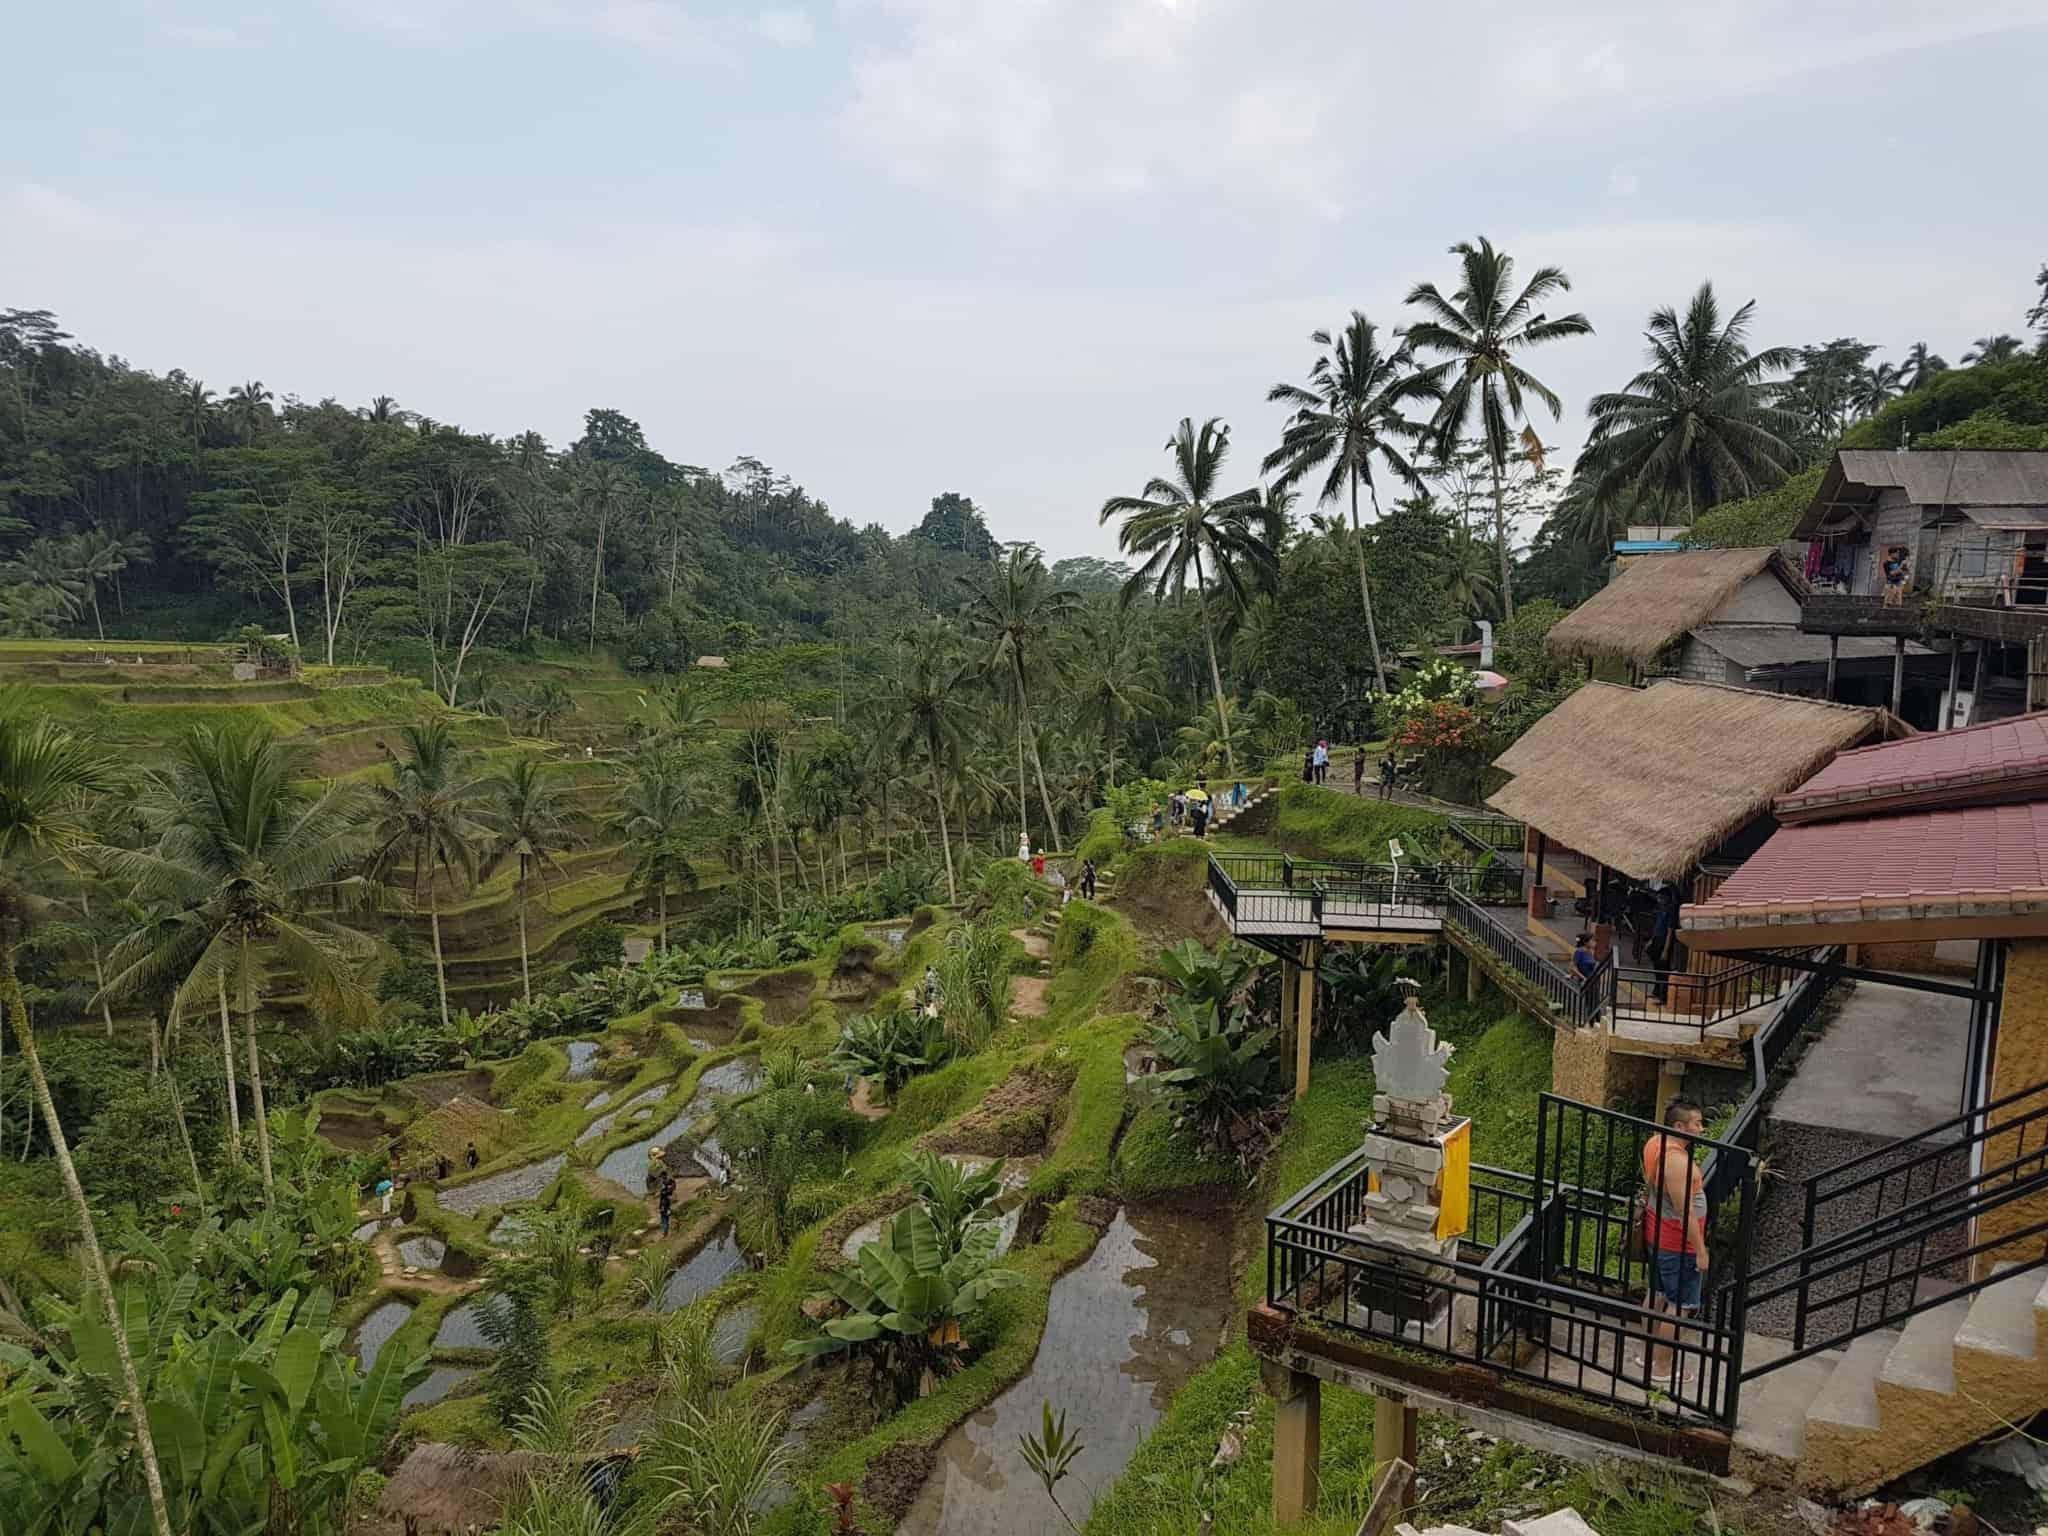 Bali, les rizières de Tegallalang et le temple Pura Tirta Empul🌱 20